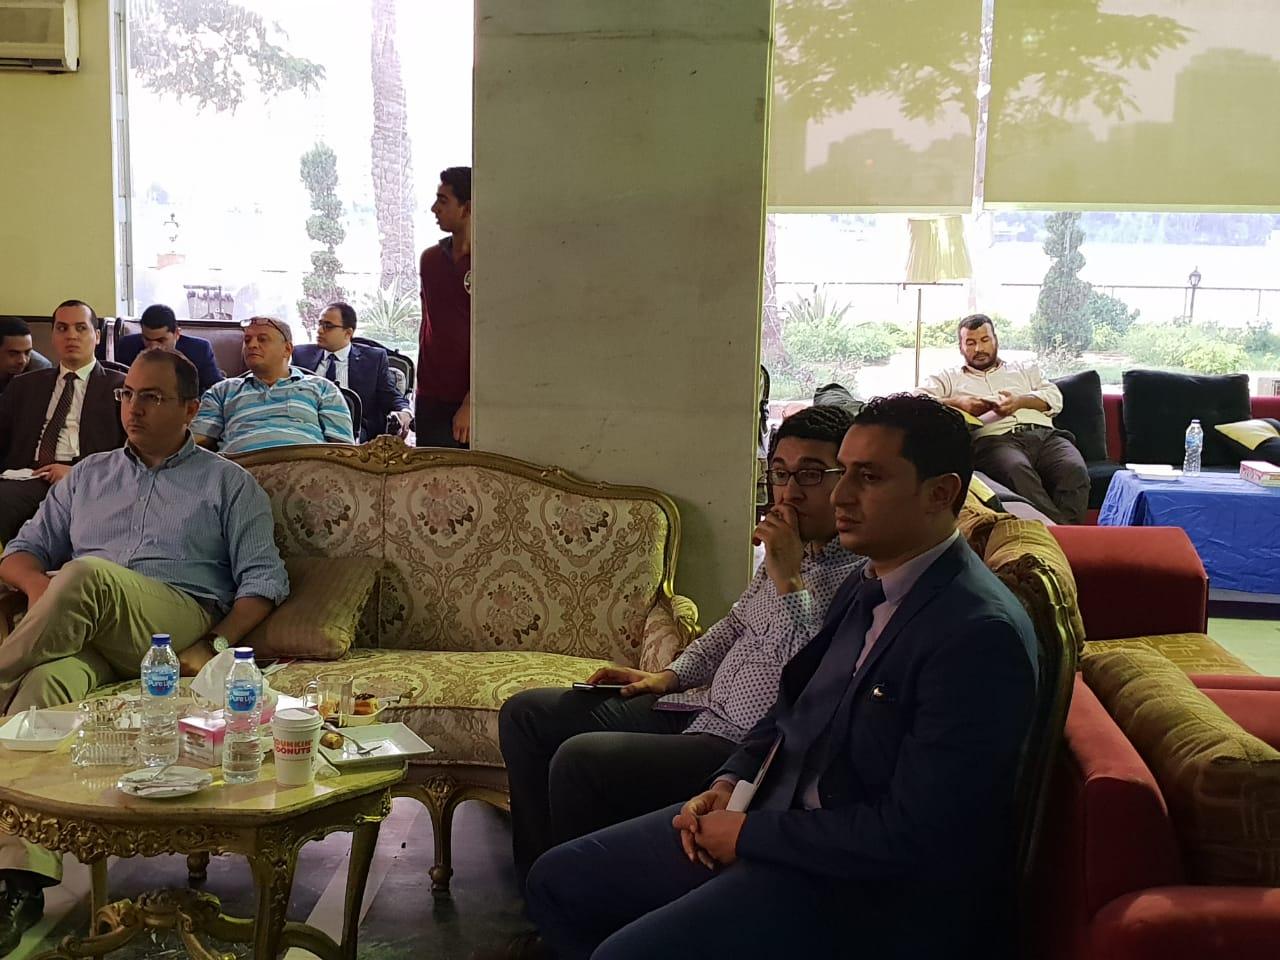 الحضور خلال الملتقى